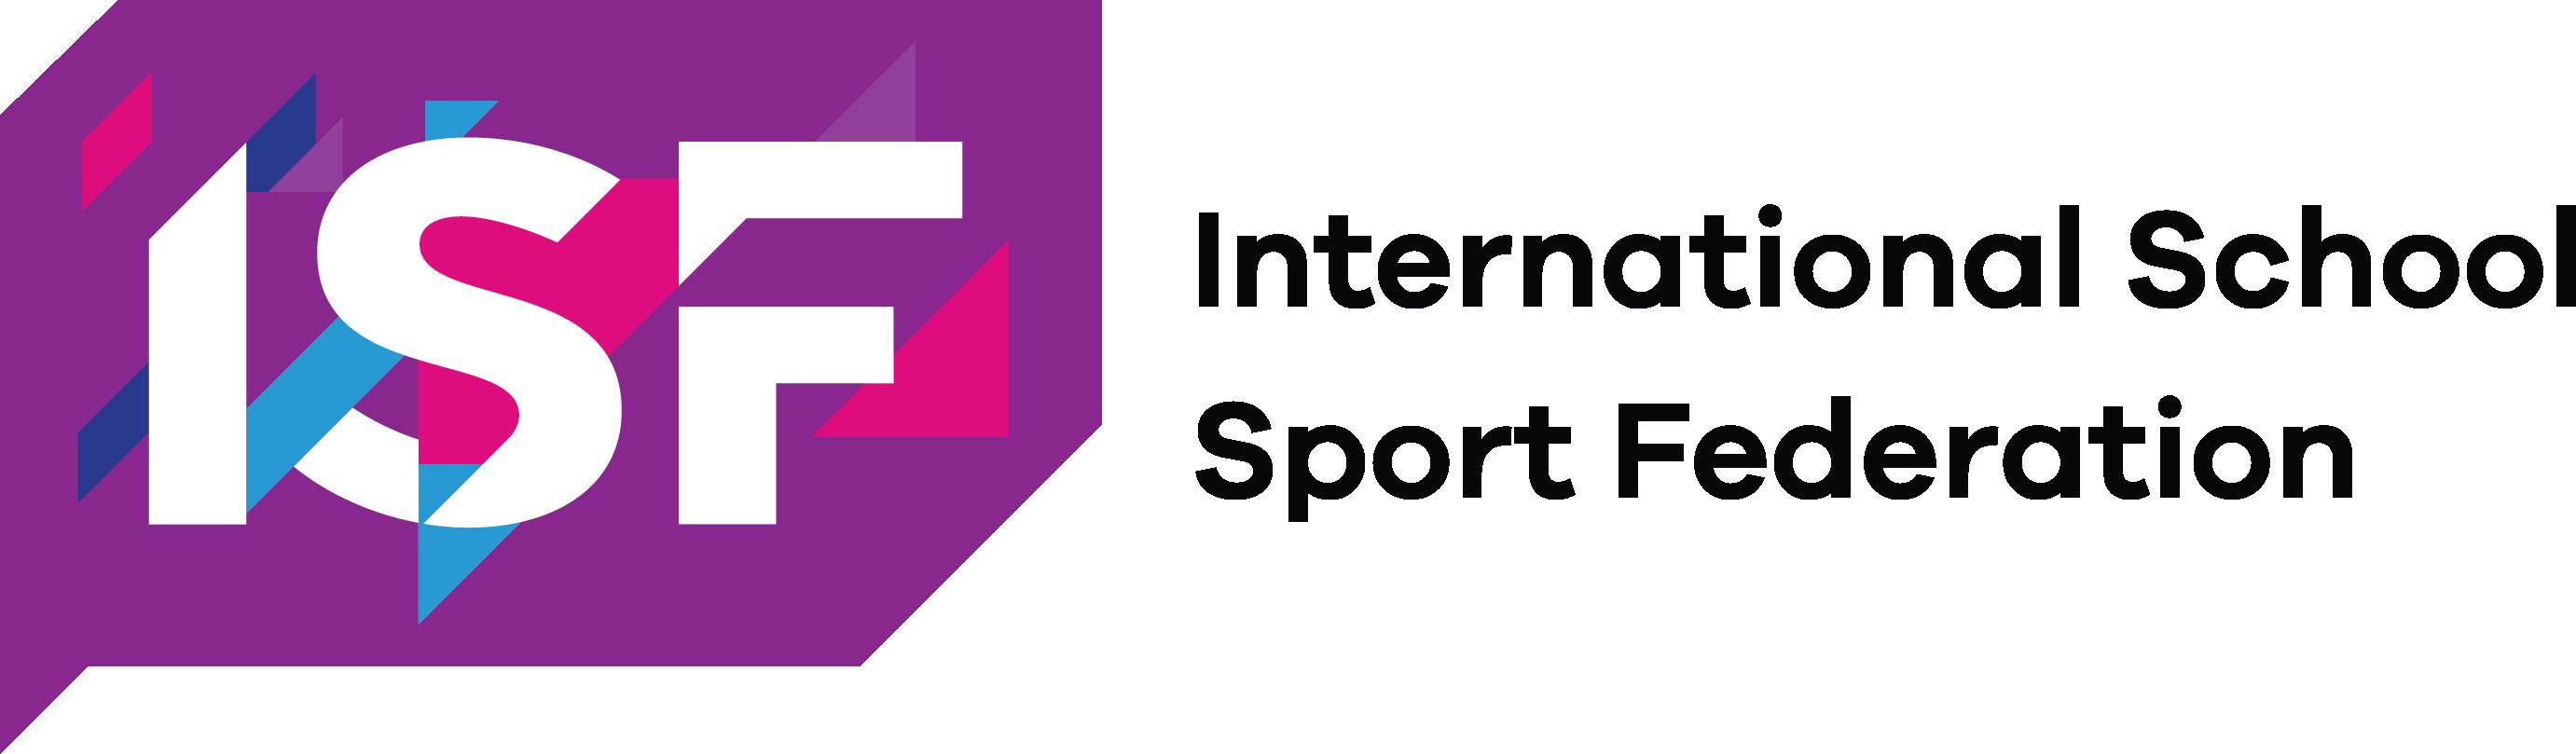 International School Sport Federation